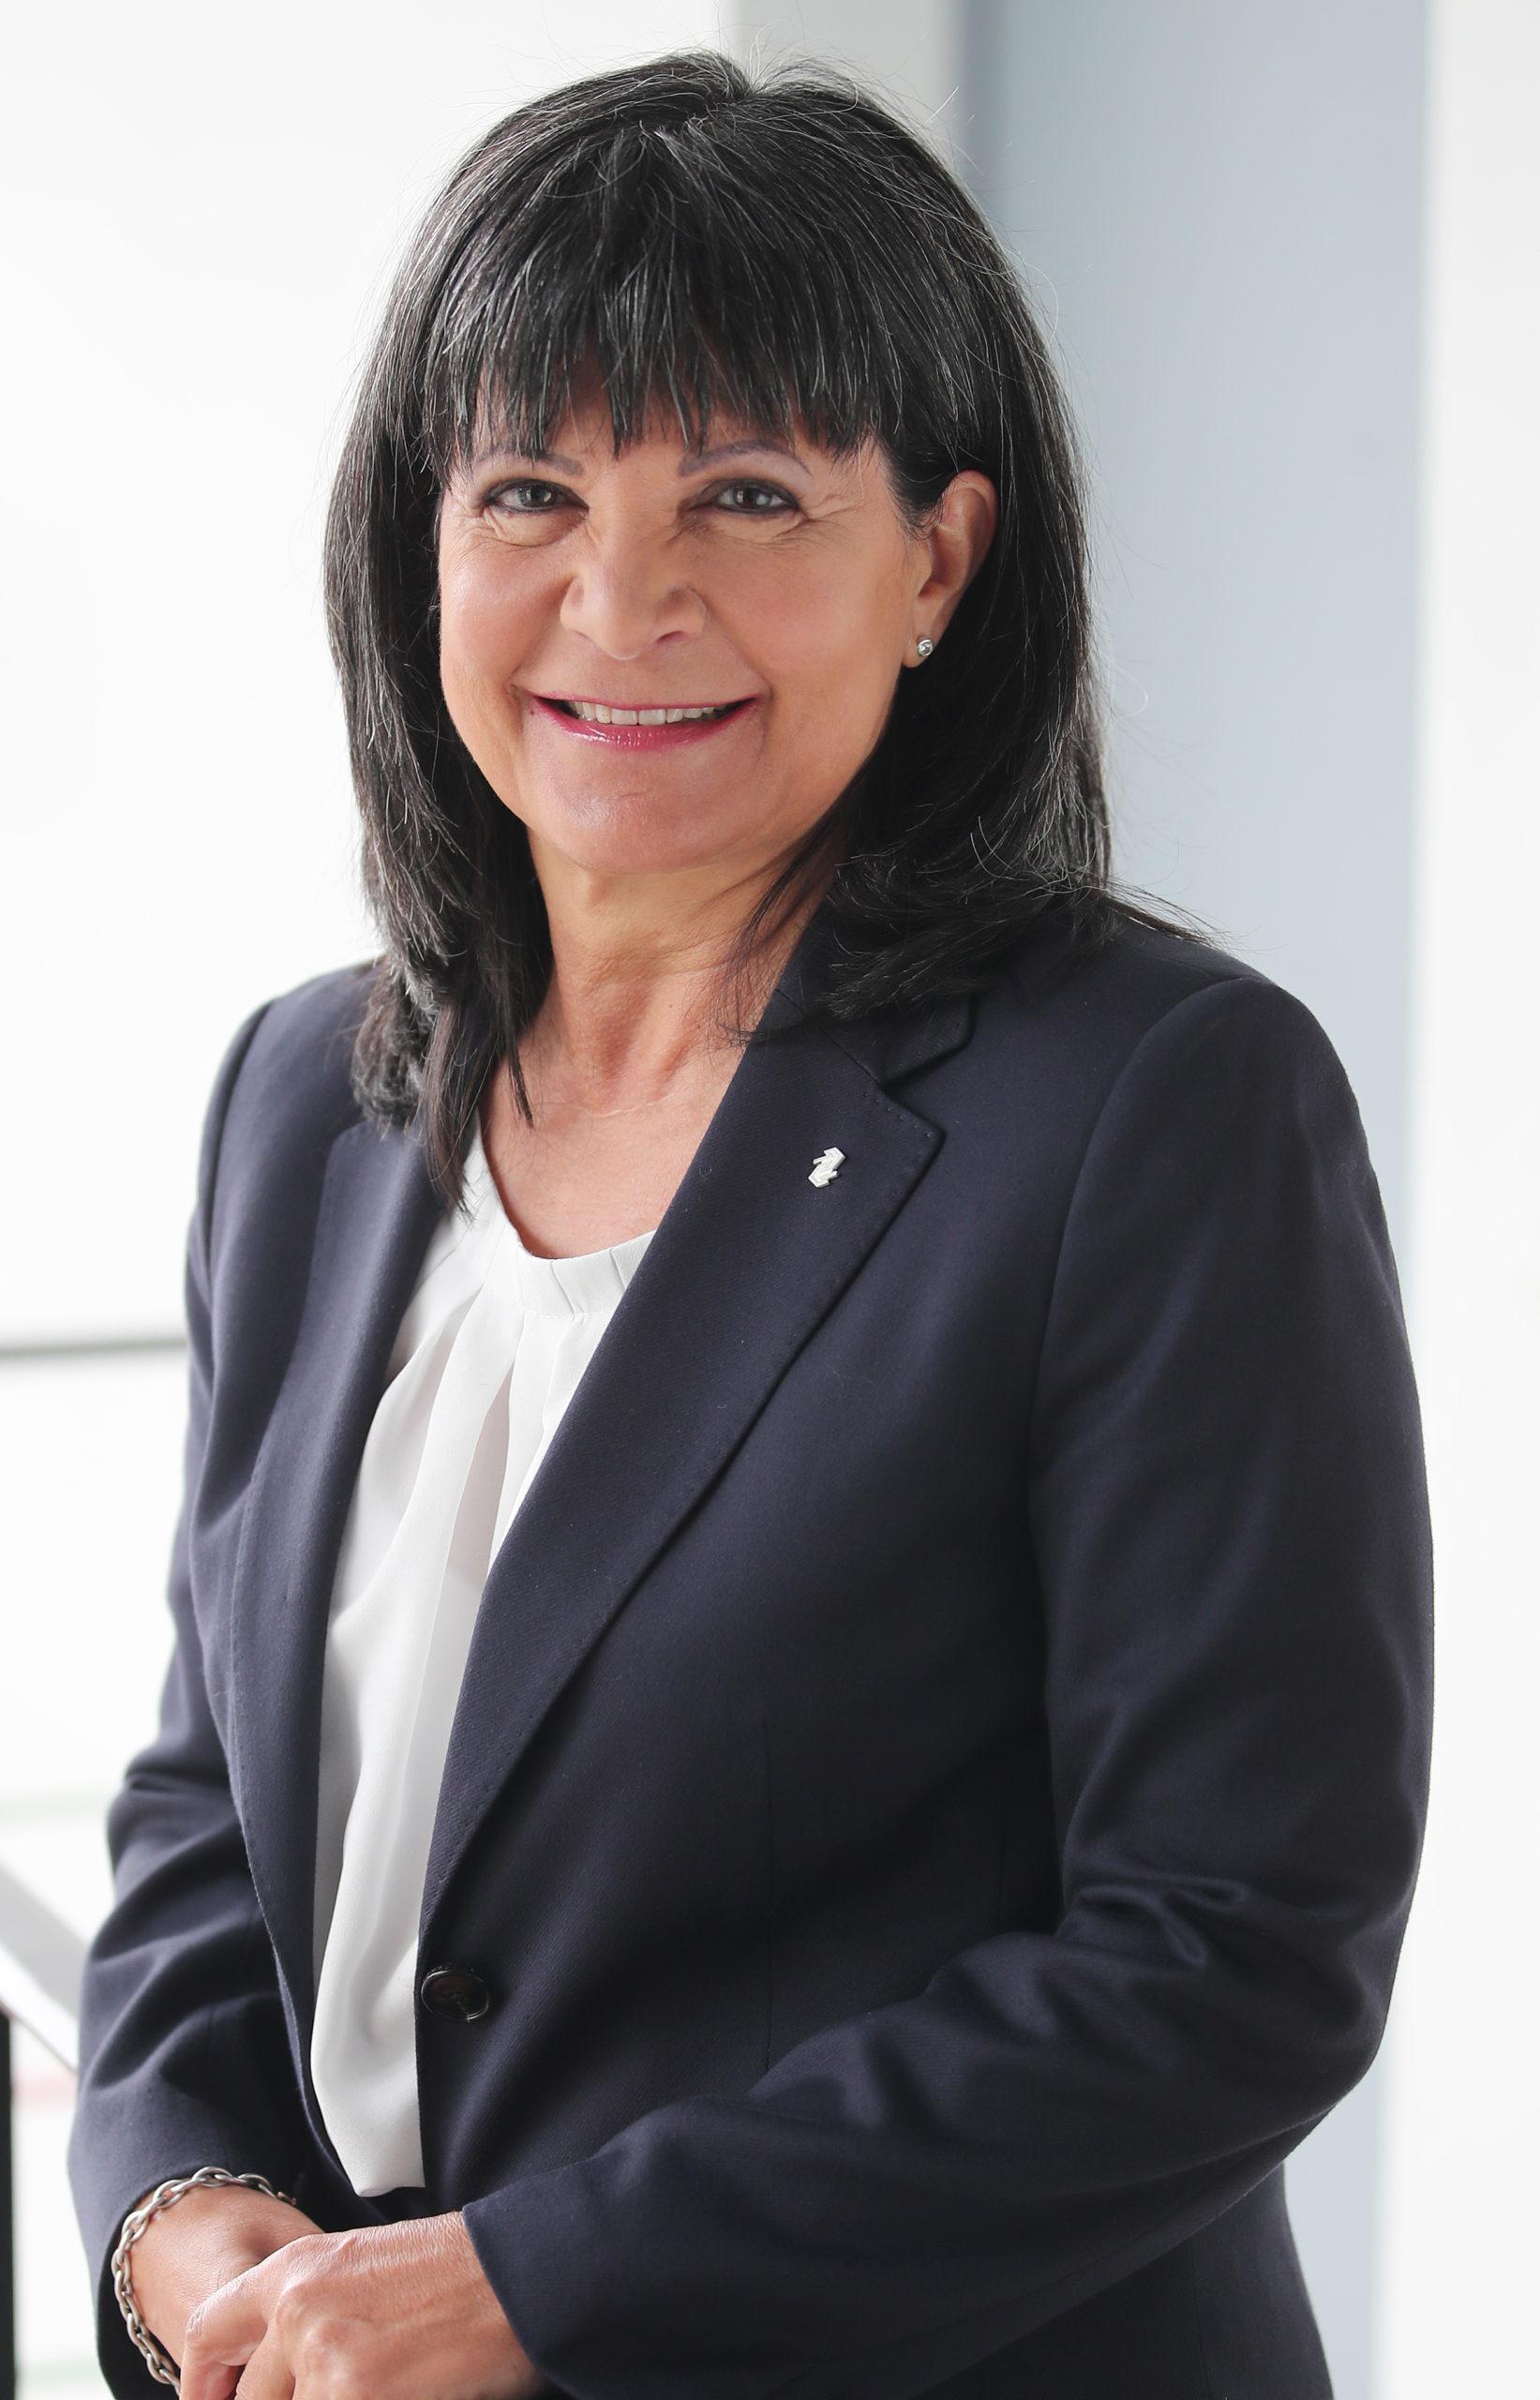 Anna Maria Fischer